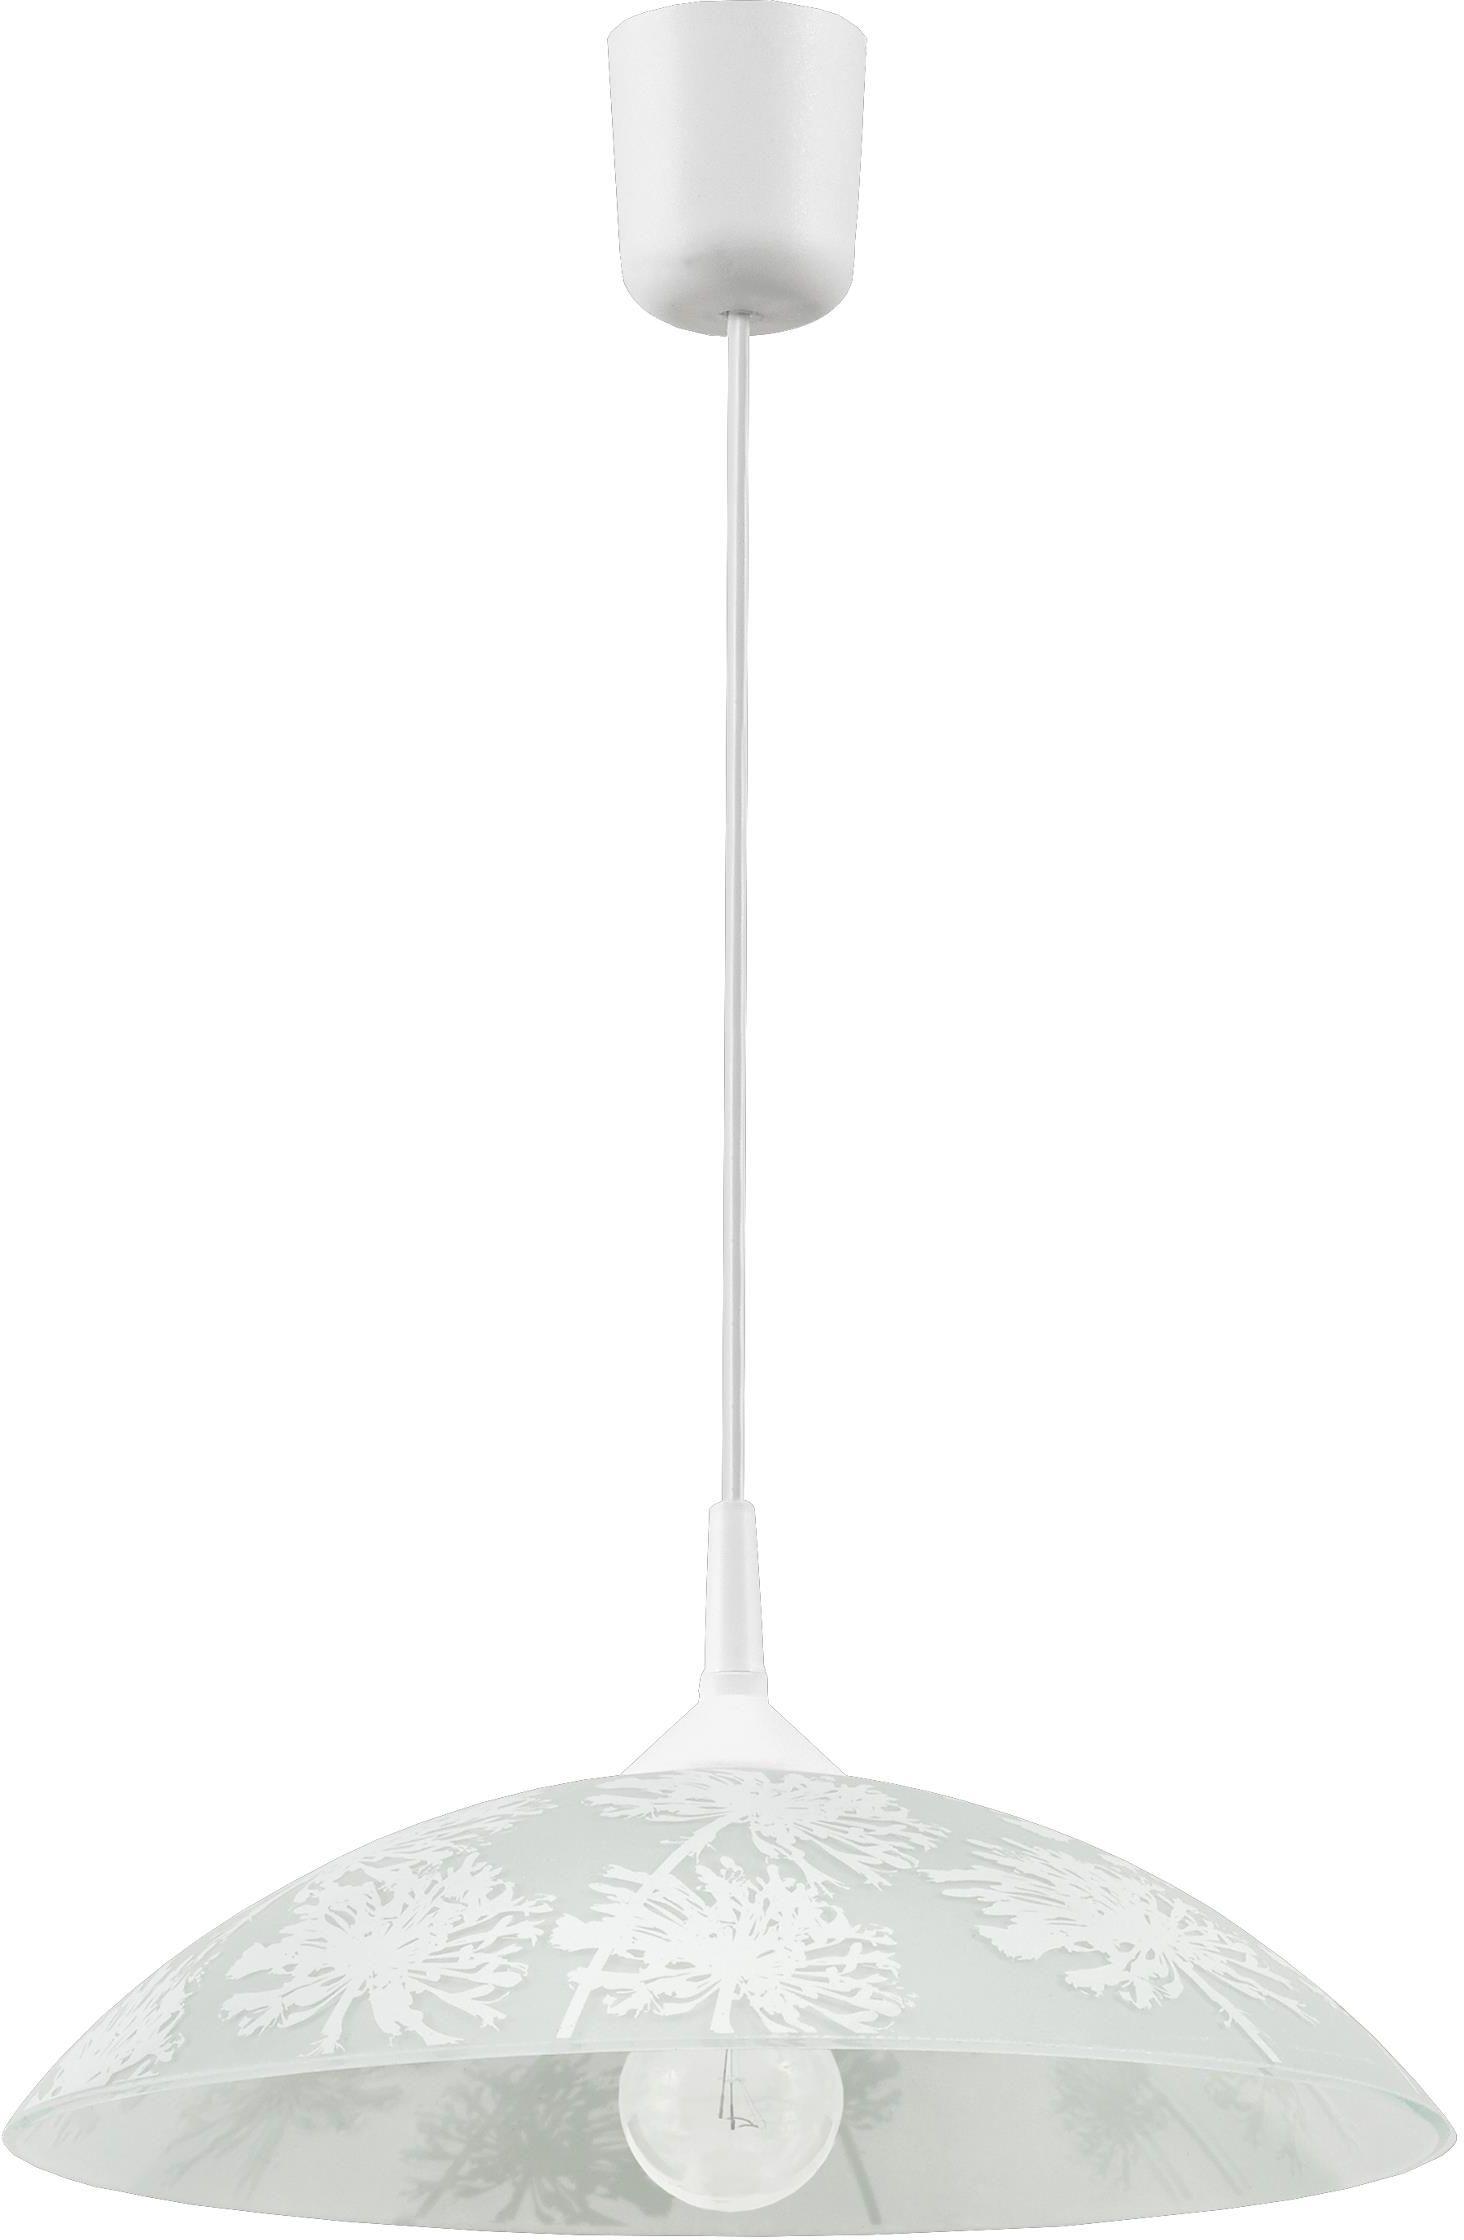 Lampex Winter Z1 378/Z1 lampa wisząca klasyczna szklany klosz 1x60W E27 35cm